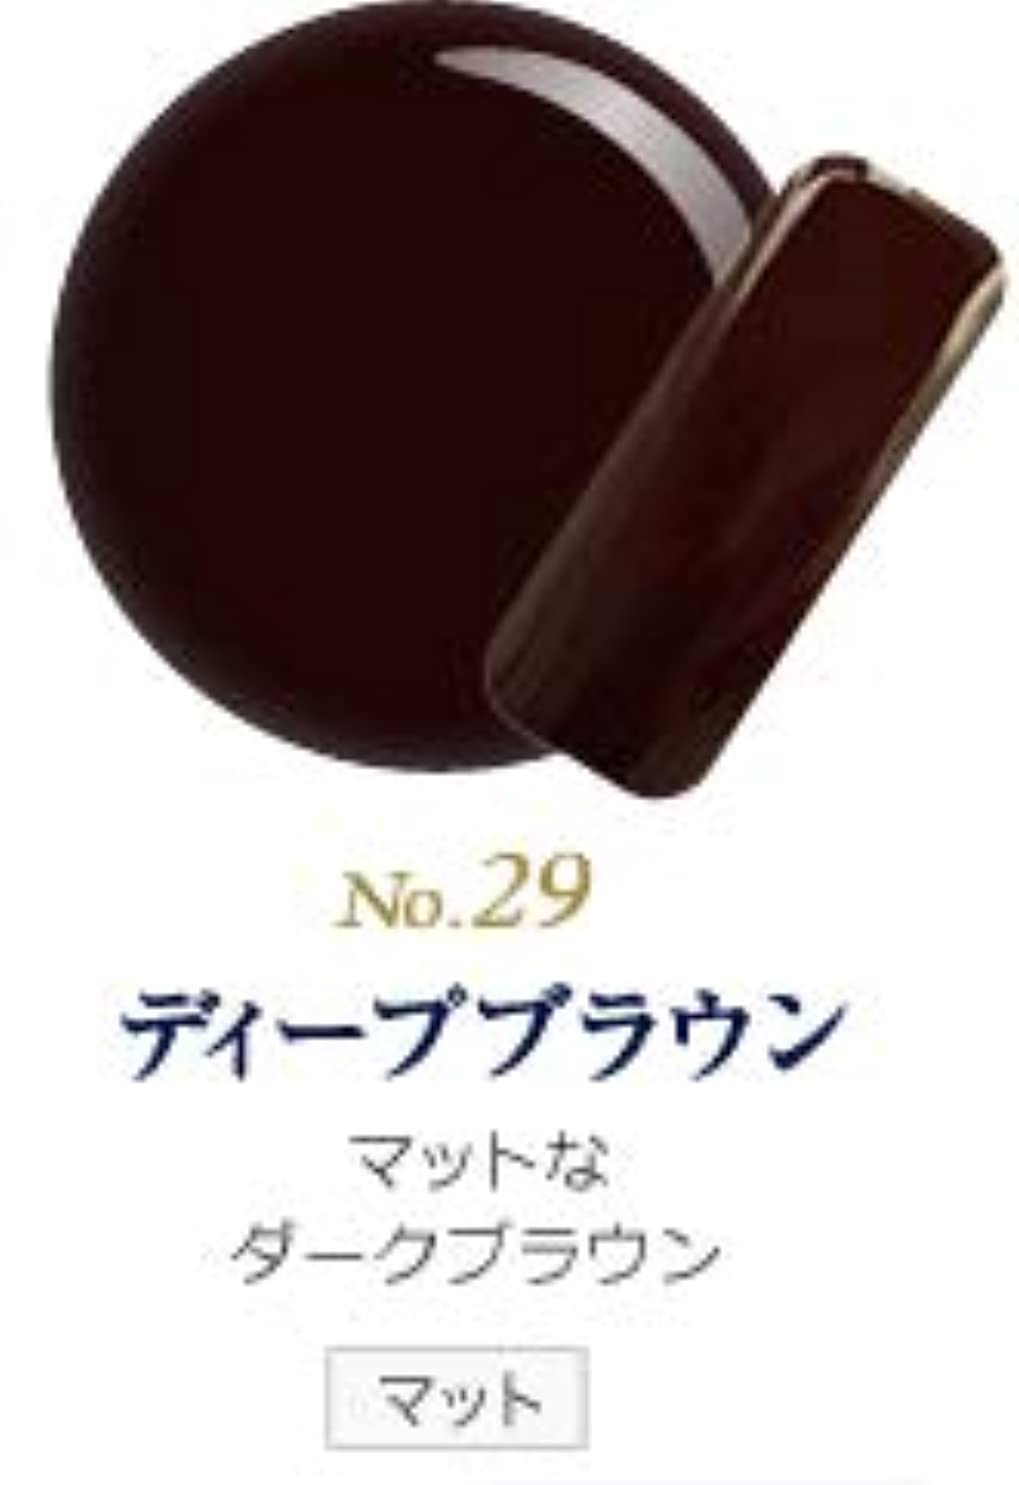 定義スキニー厚い発色抜群 削らなくてもオフが出来る 新グレースジェルカラーNo.11~No.209 (ディープブラウン)